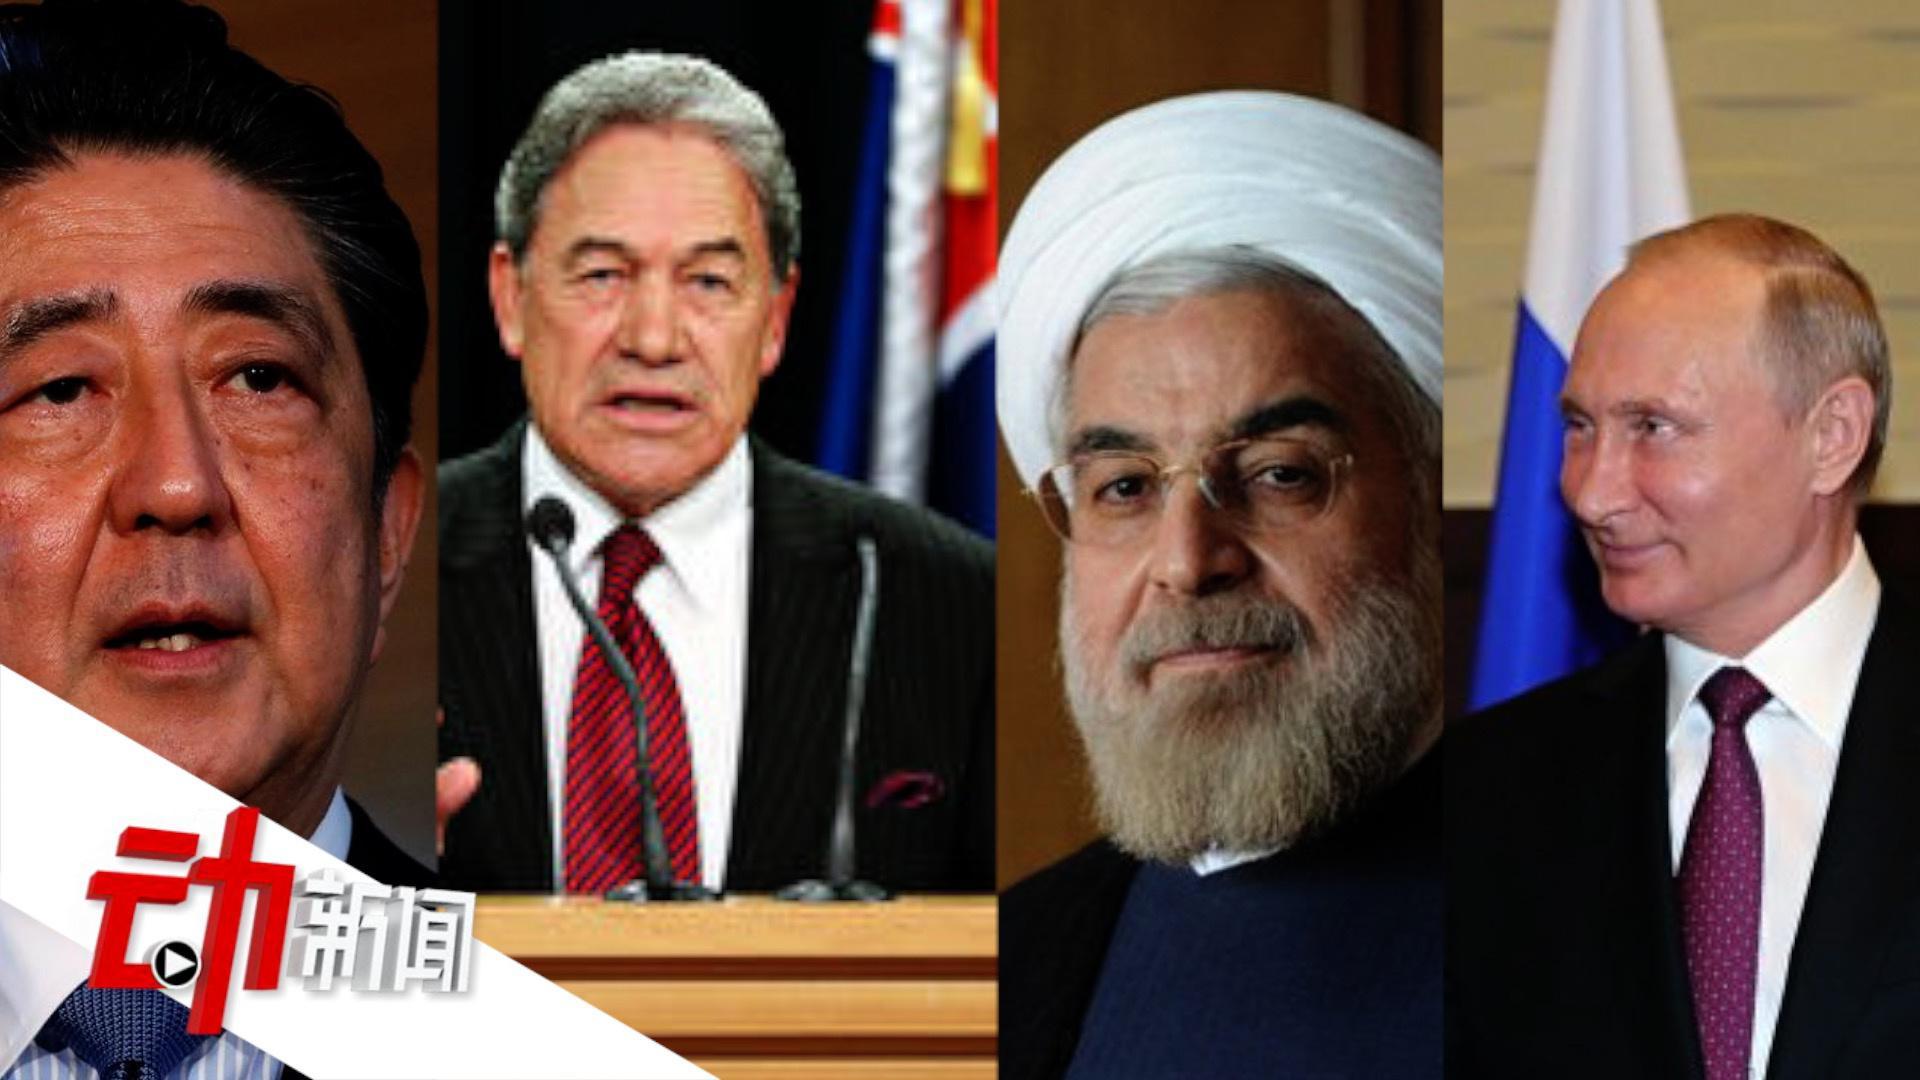 多国呼吁美伊保持冷静普京遗憾局势恶化 安倍取消访问中东